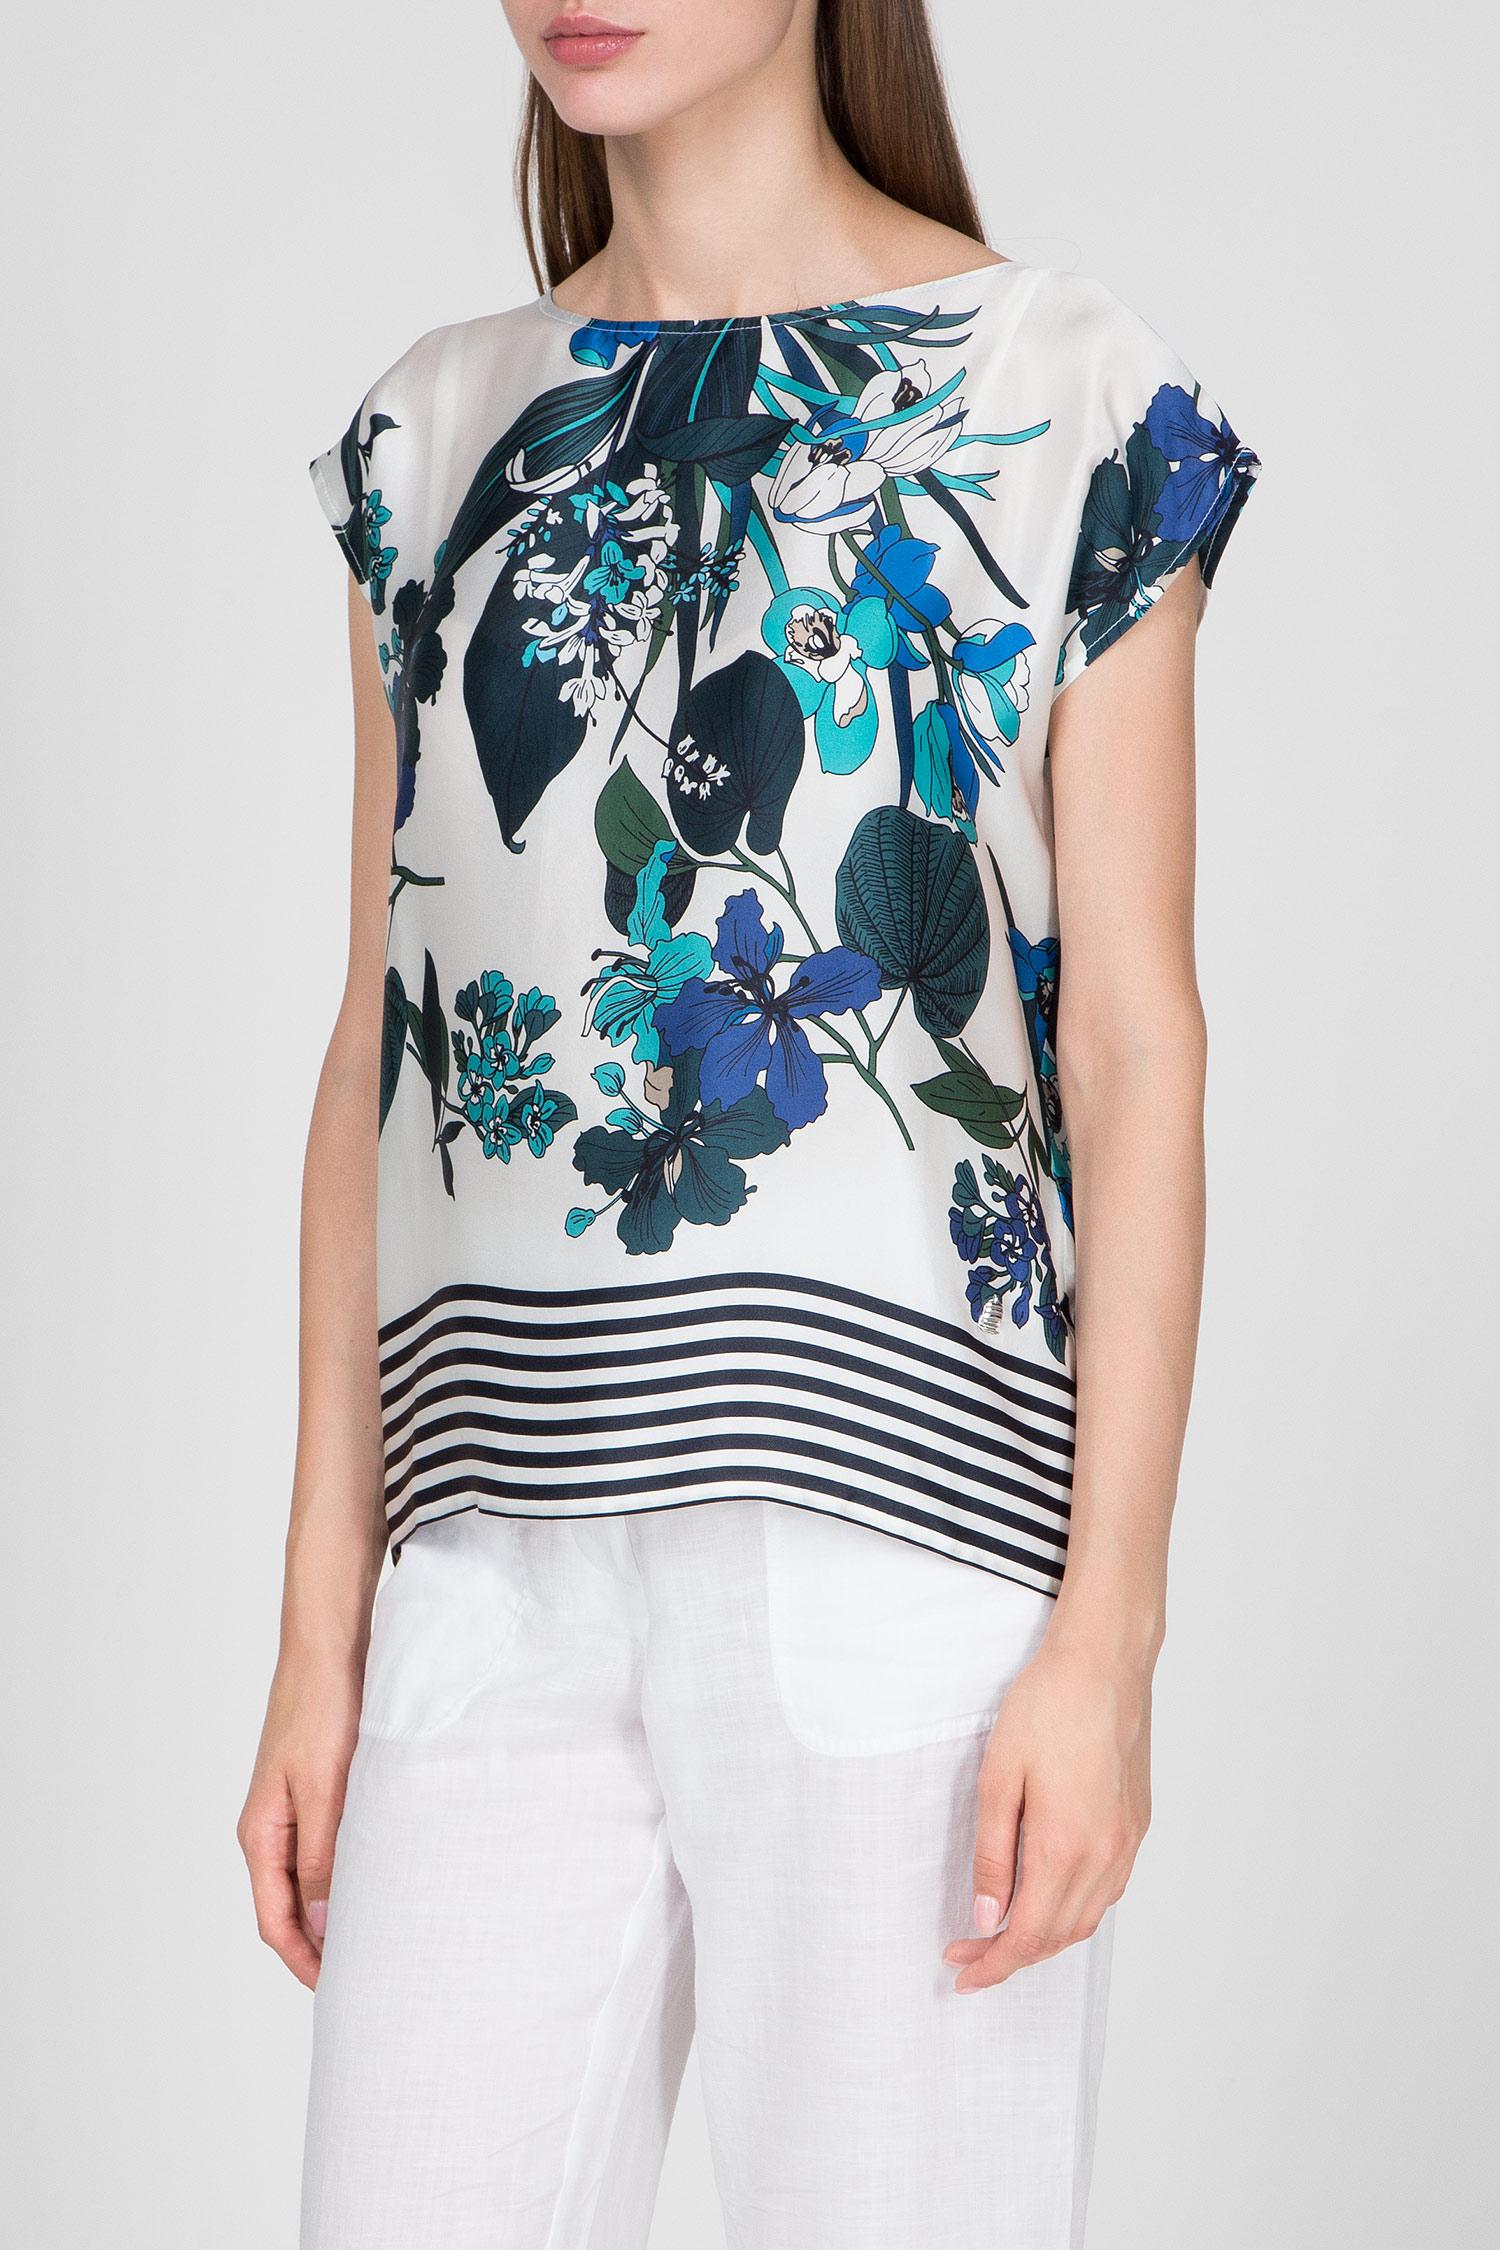 Купить Женская белая шелковая блуза с принтом Marina Yachting Marina Yachting 55024-S0016-750 – Киев, Украина. Цены в интернет магазине MD Fashion